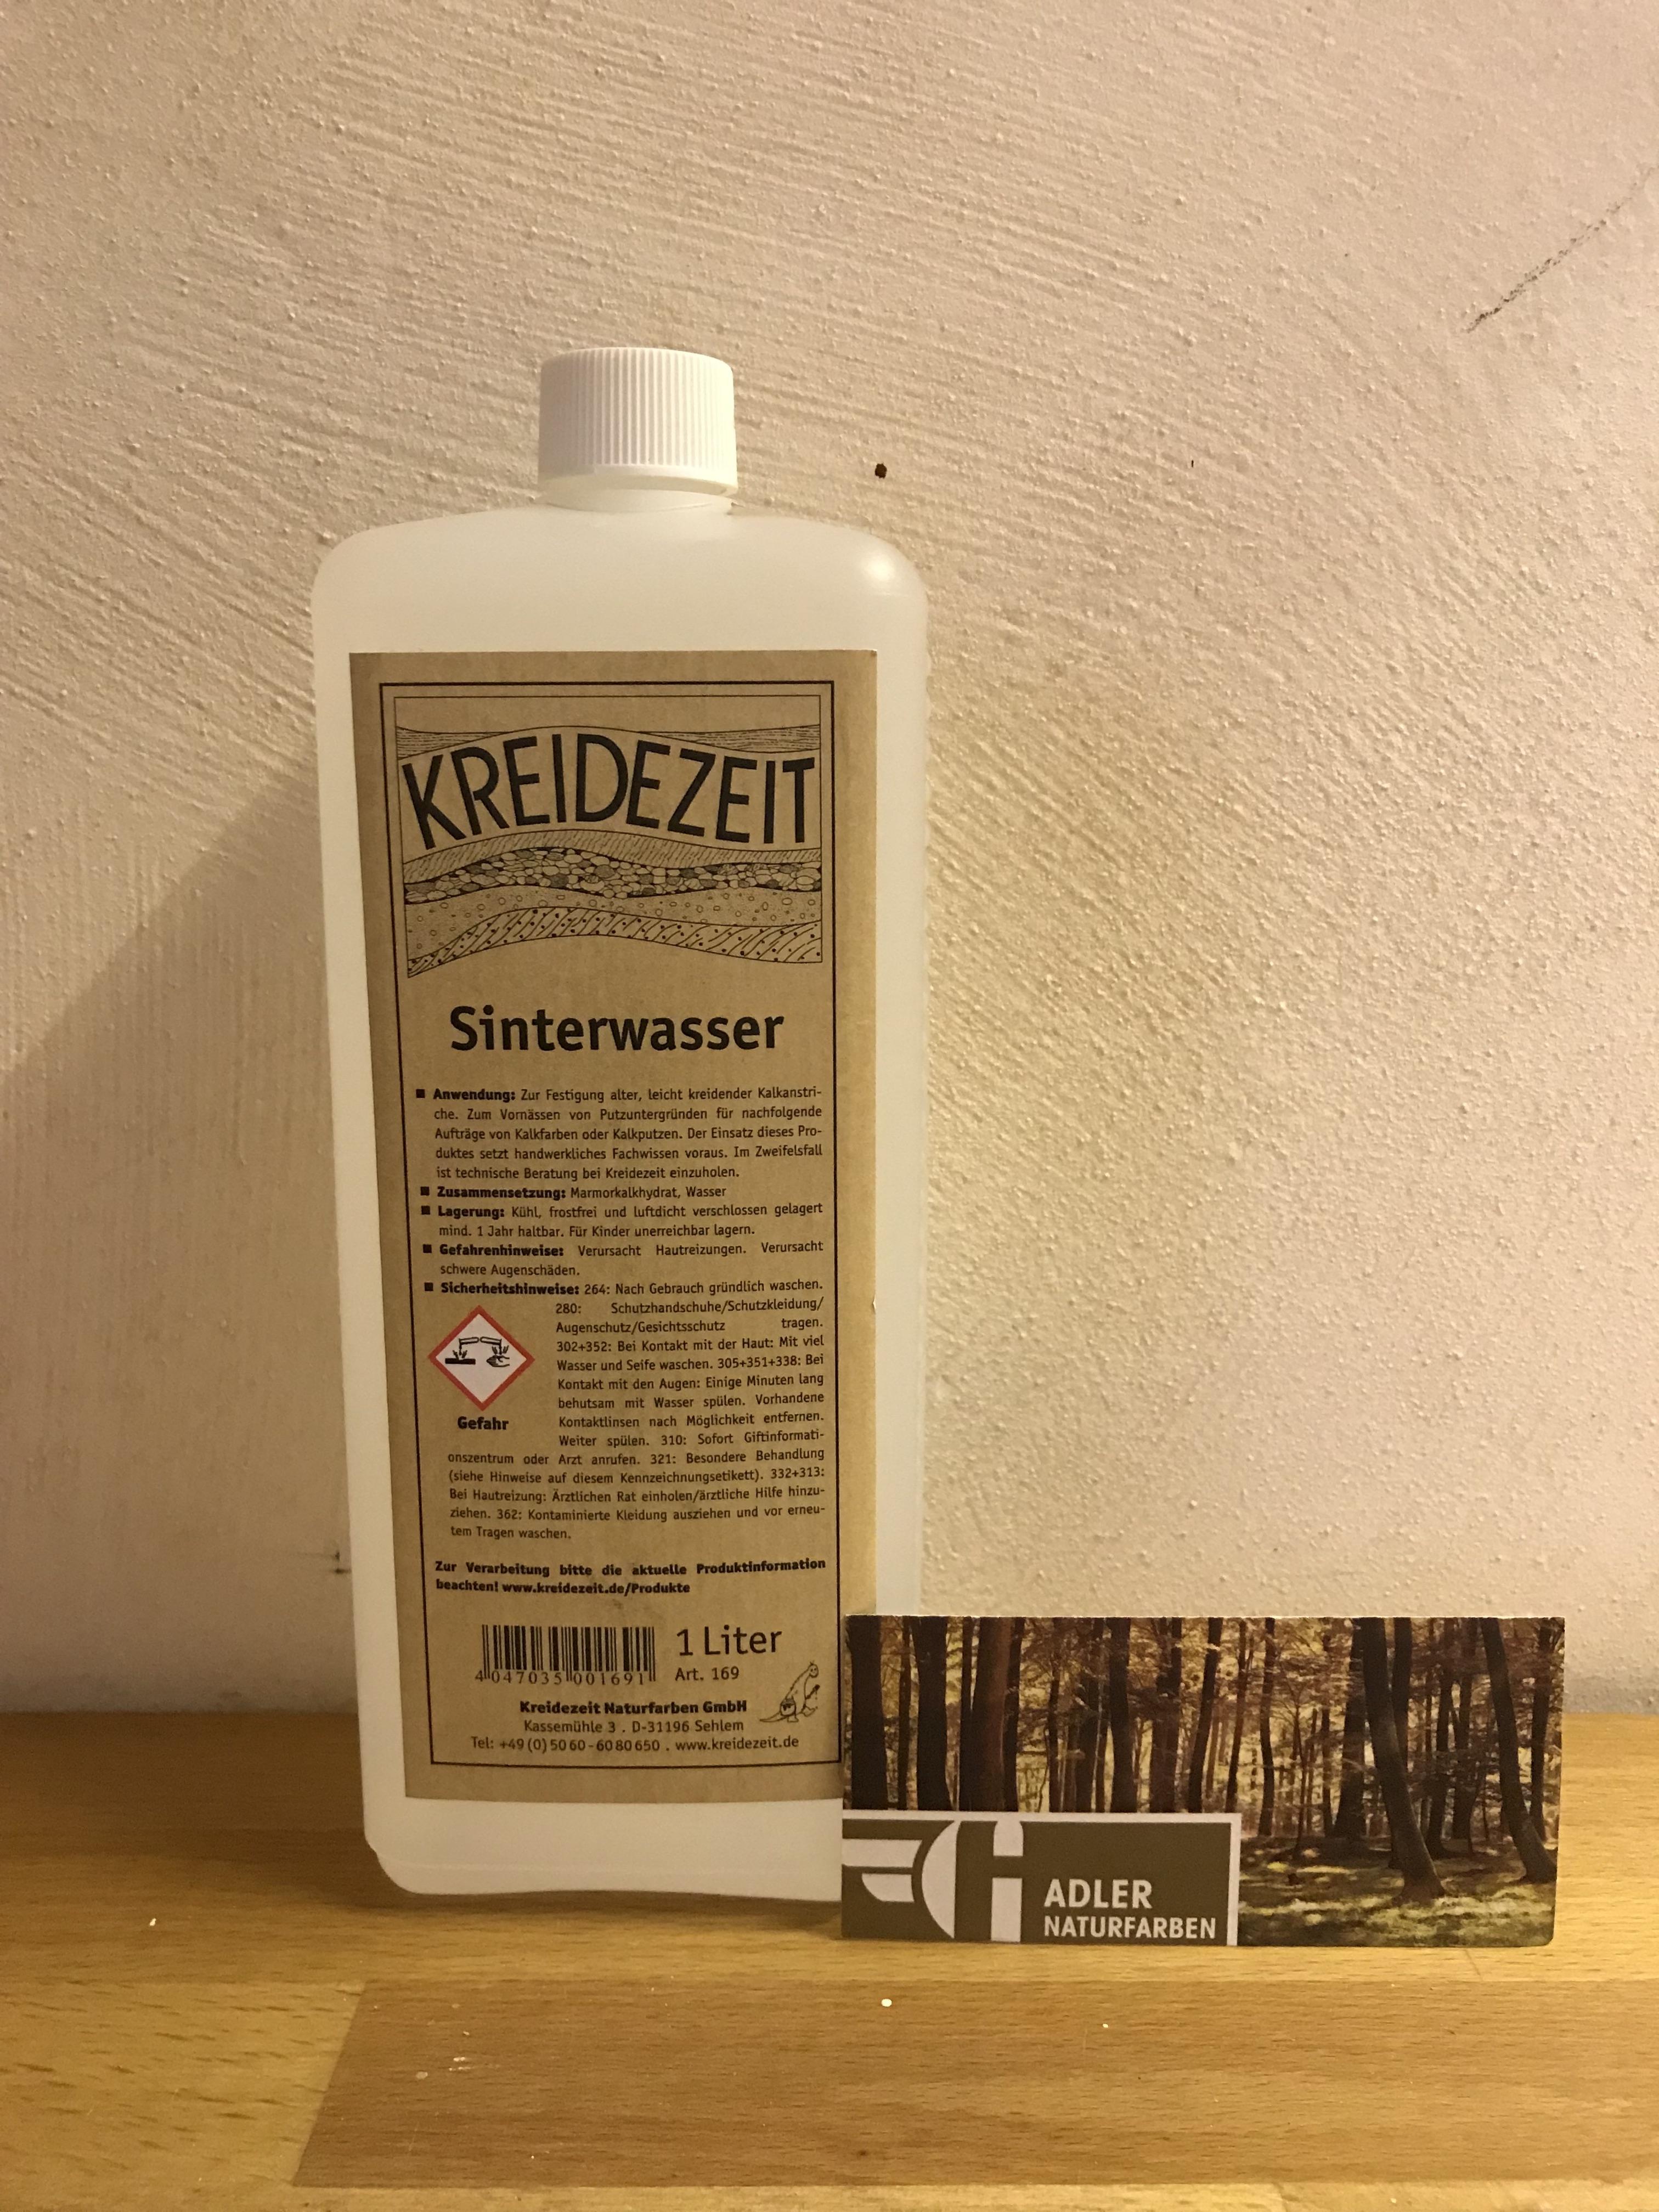 Kreidezeit Sinterwasser 1 l